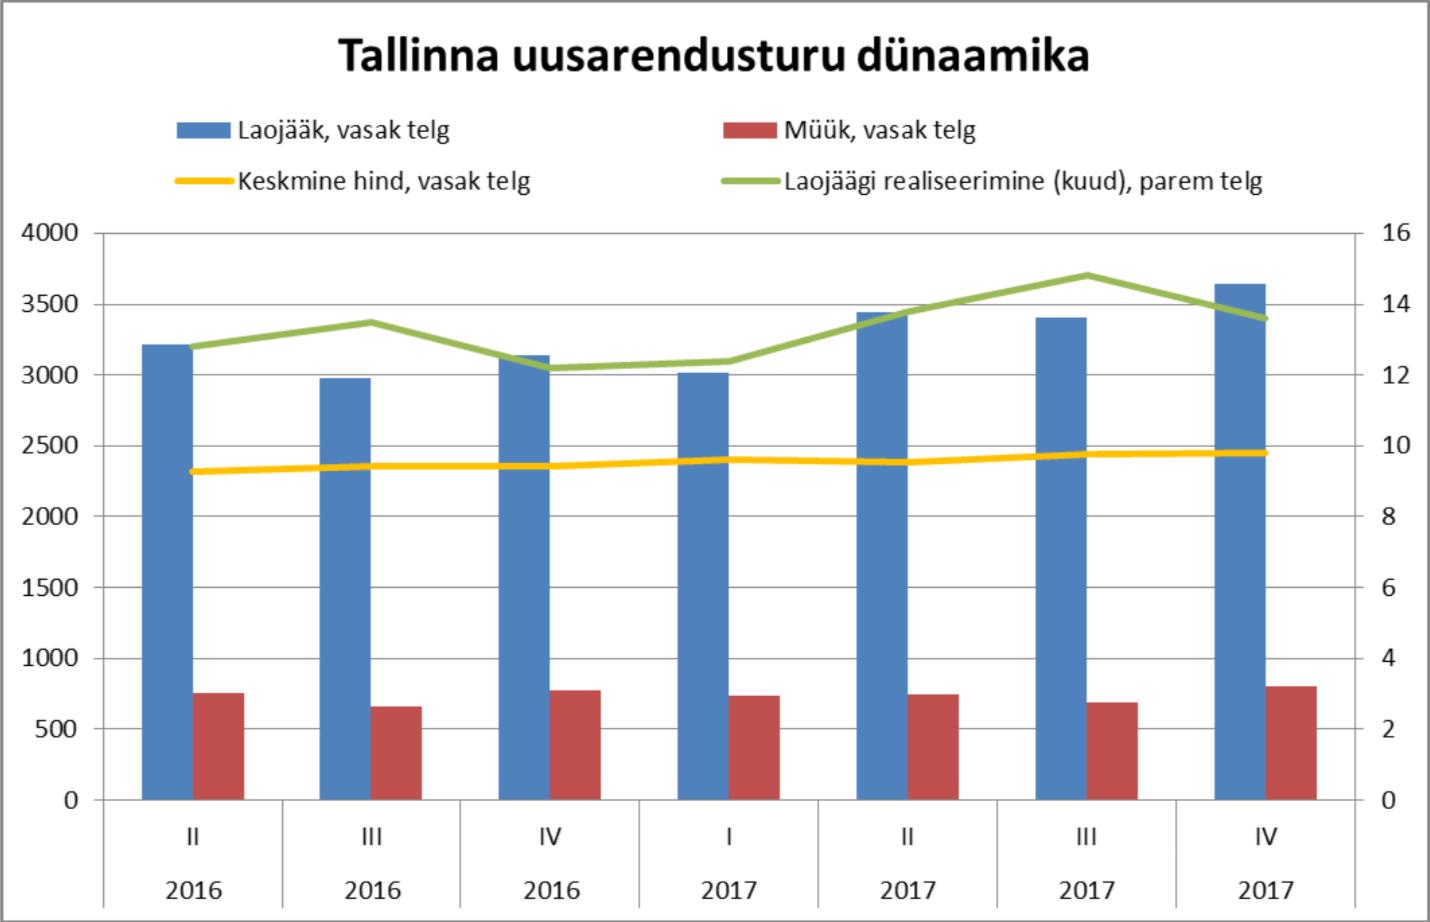 180111 Tallinna uusarendusturu dünaamika